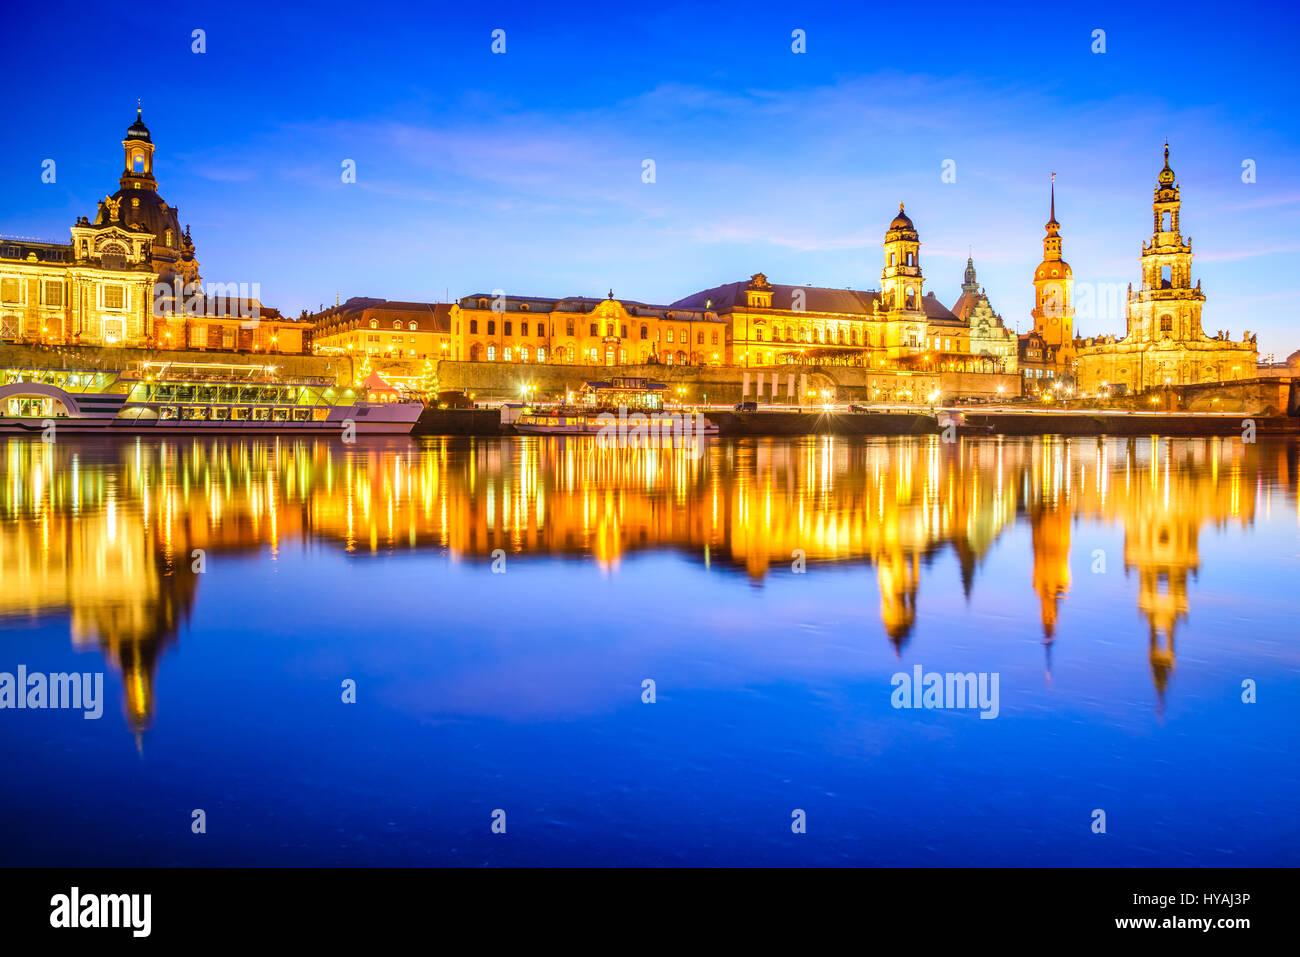 Dresden, Deutschland. Kathedrale der Heiligen Dreifaltigkeit oder der Hofkirche, der Brühlschen Terrasse. Dämmerung Stockbild